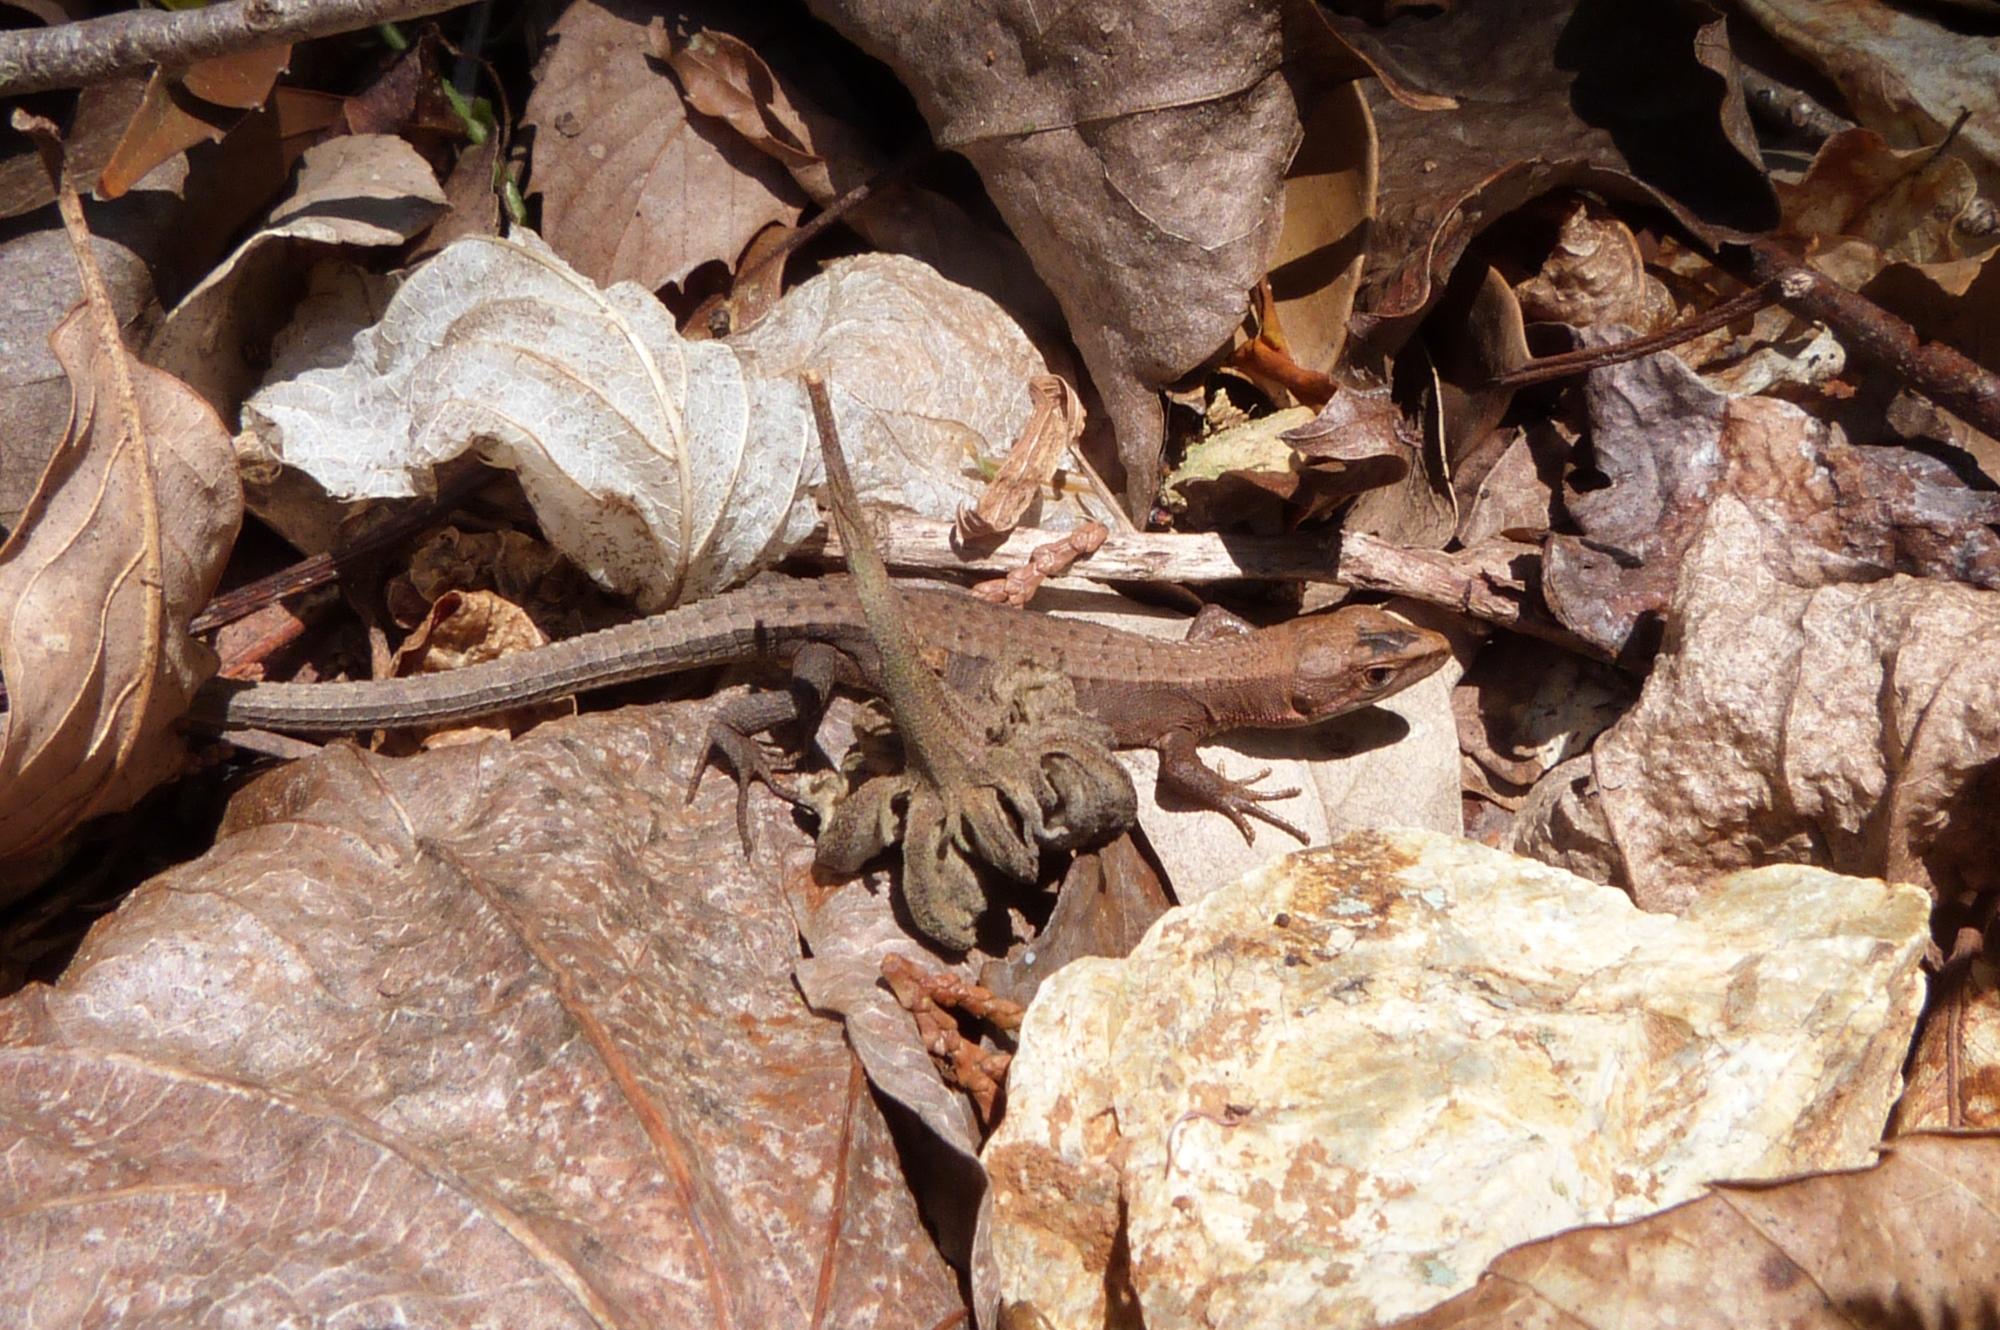 カナヘビ(ニホンカナヘビ)5